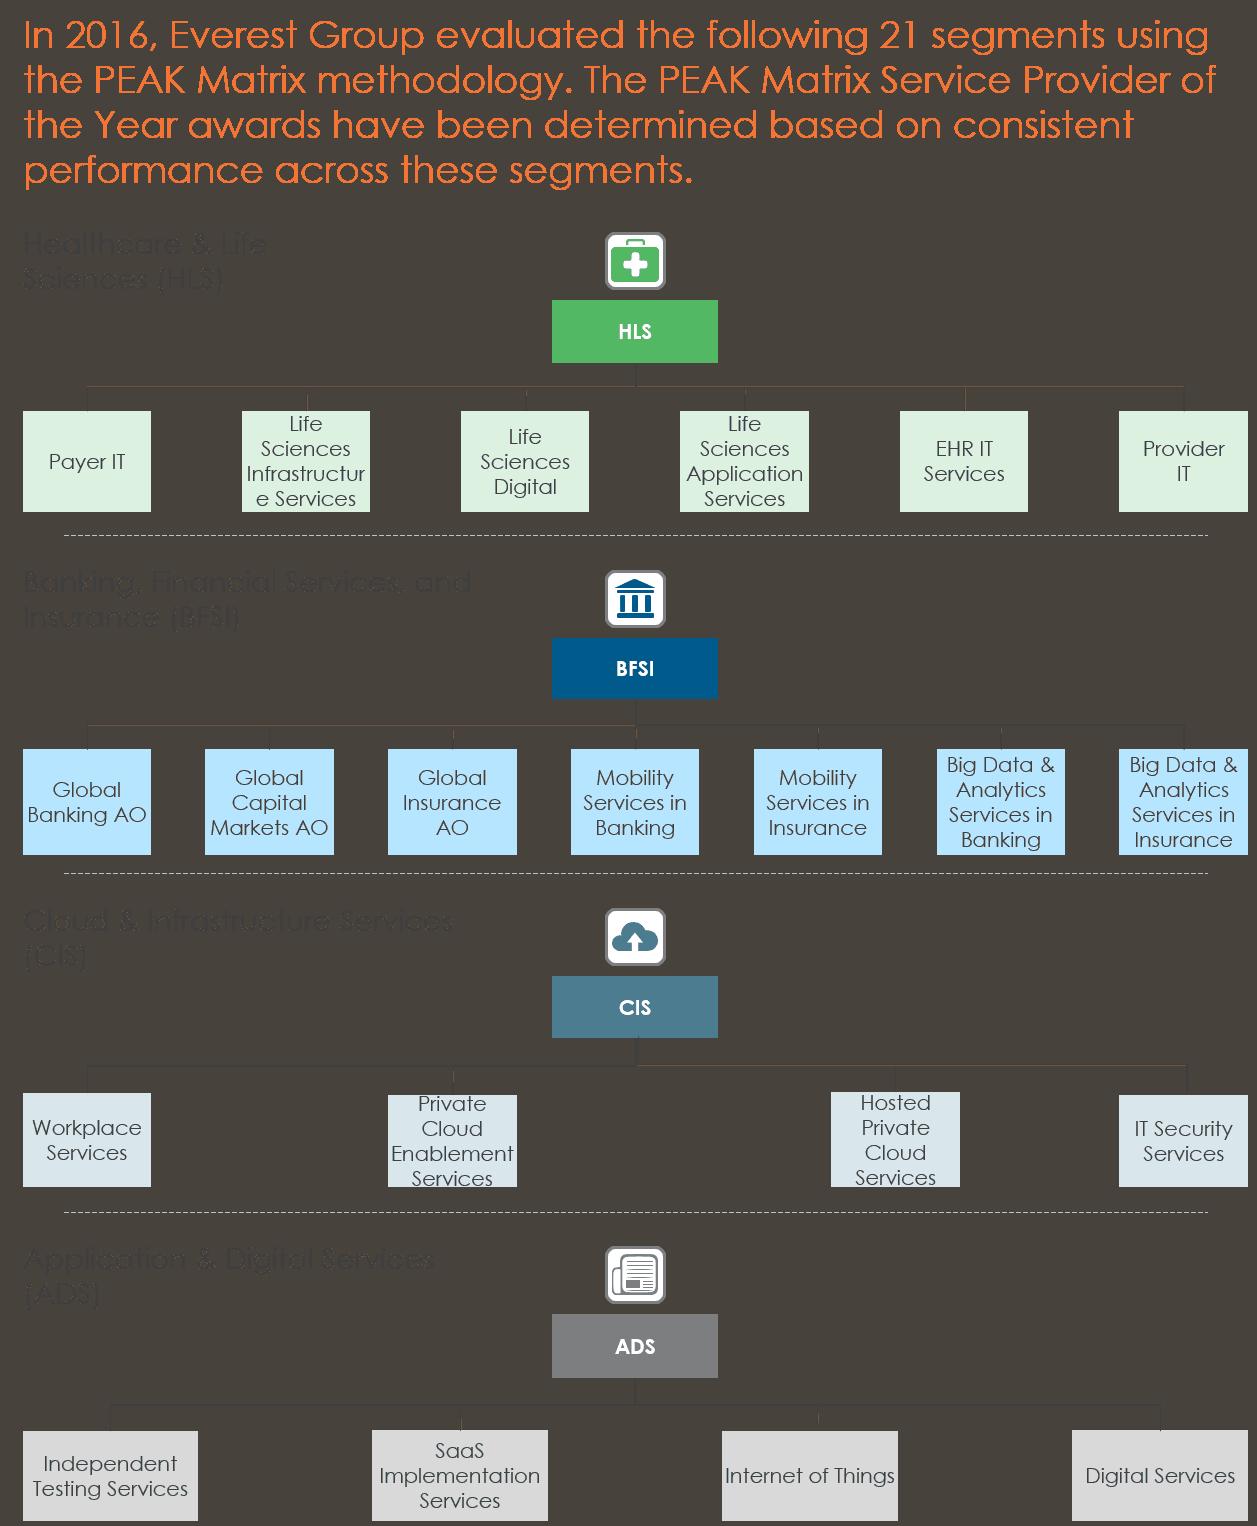 chart depicting 21 IT segments of study